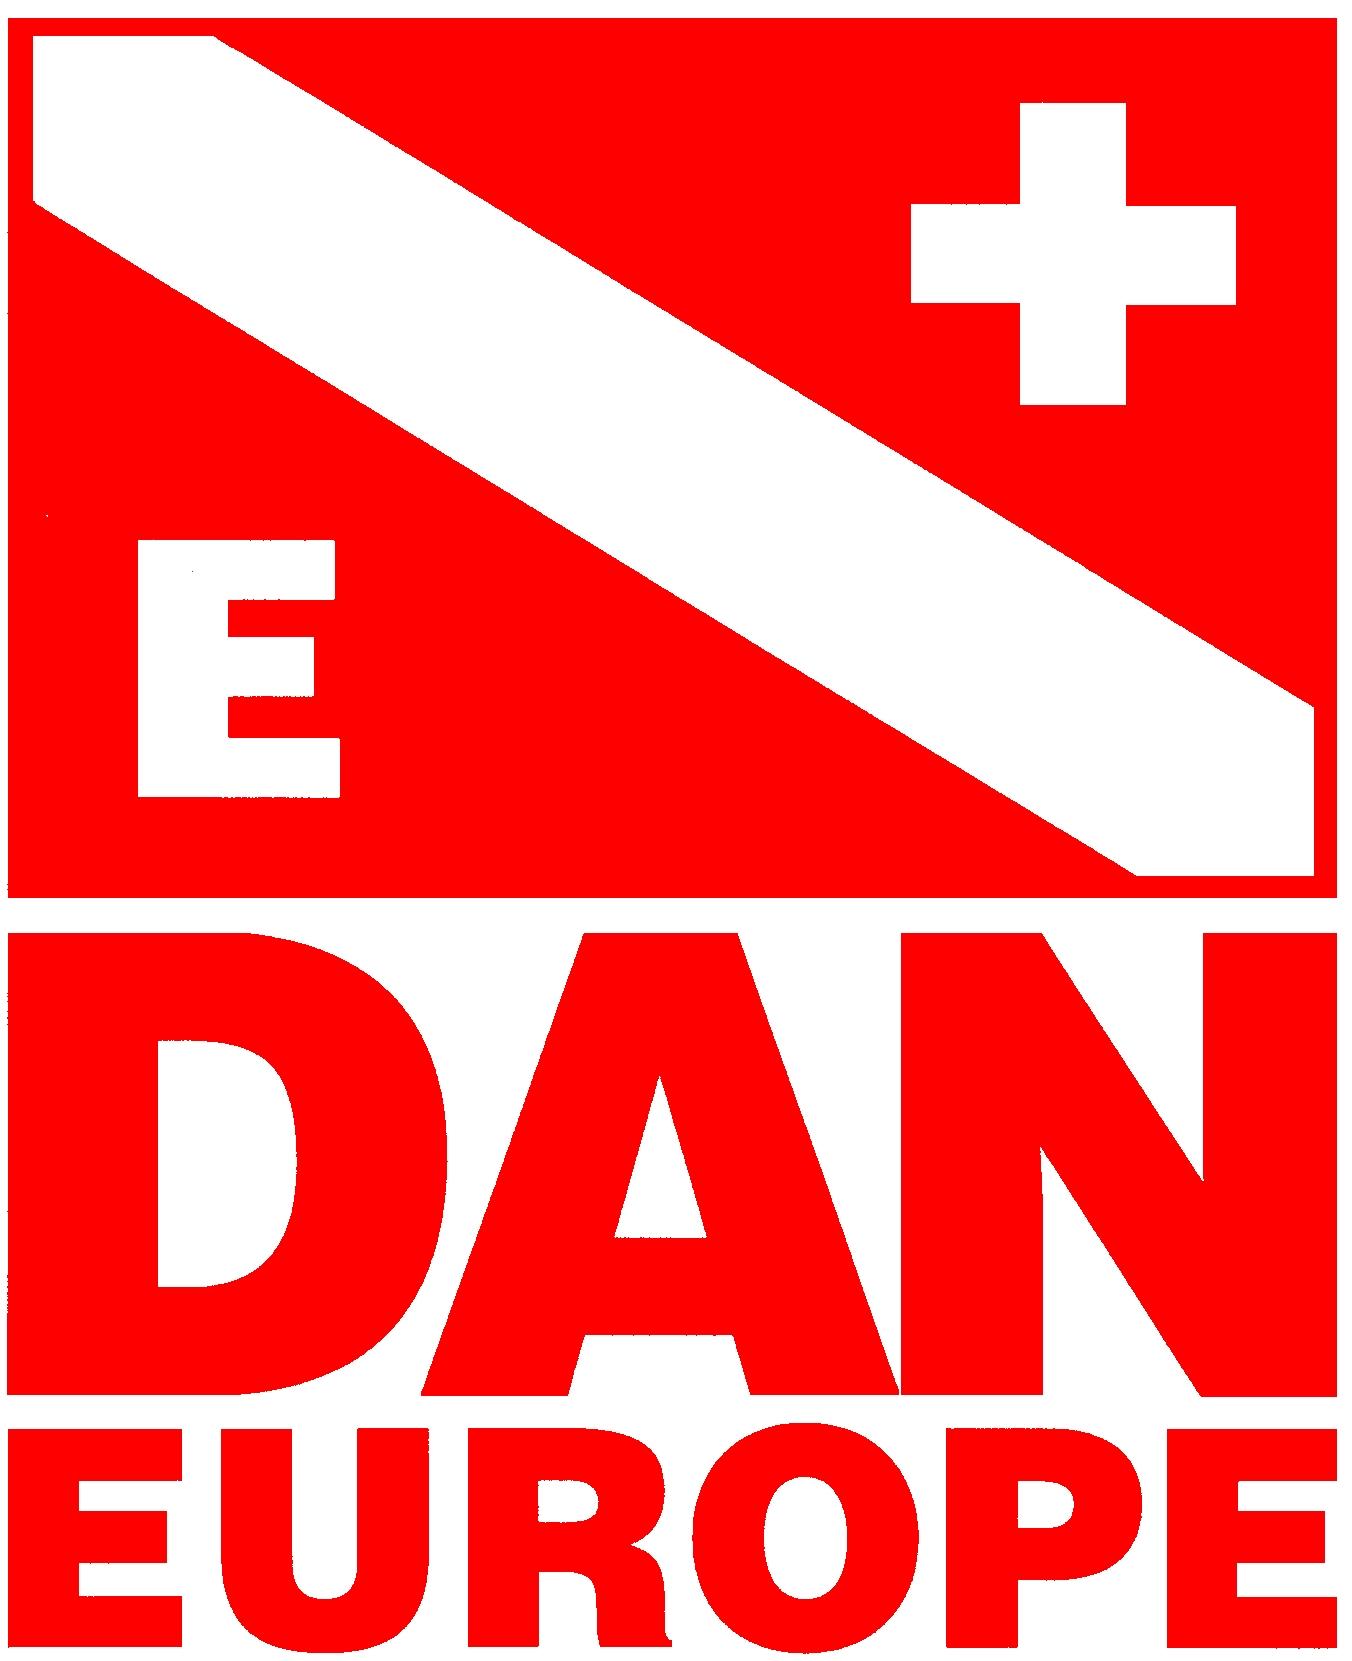 Logo_DAN_Europe-1.jpg